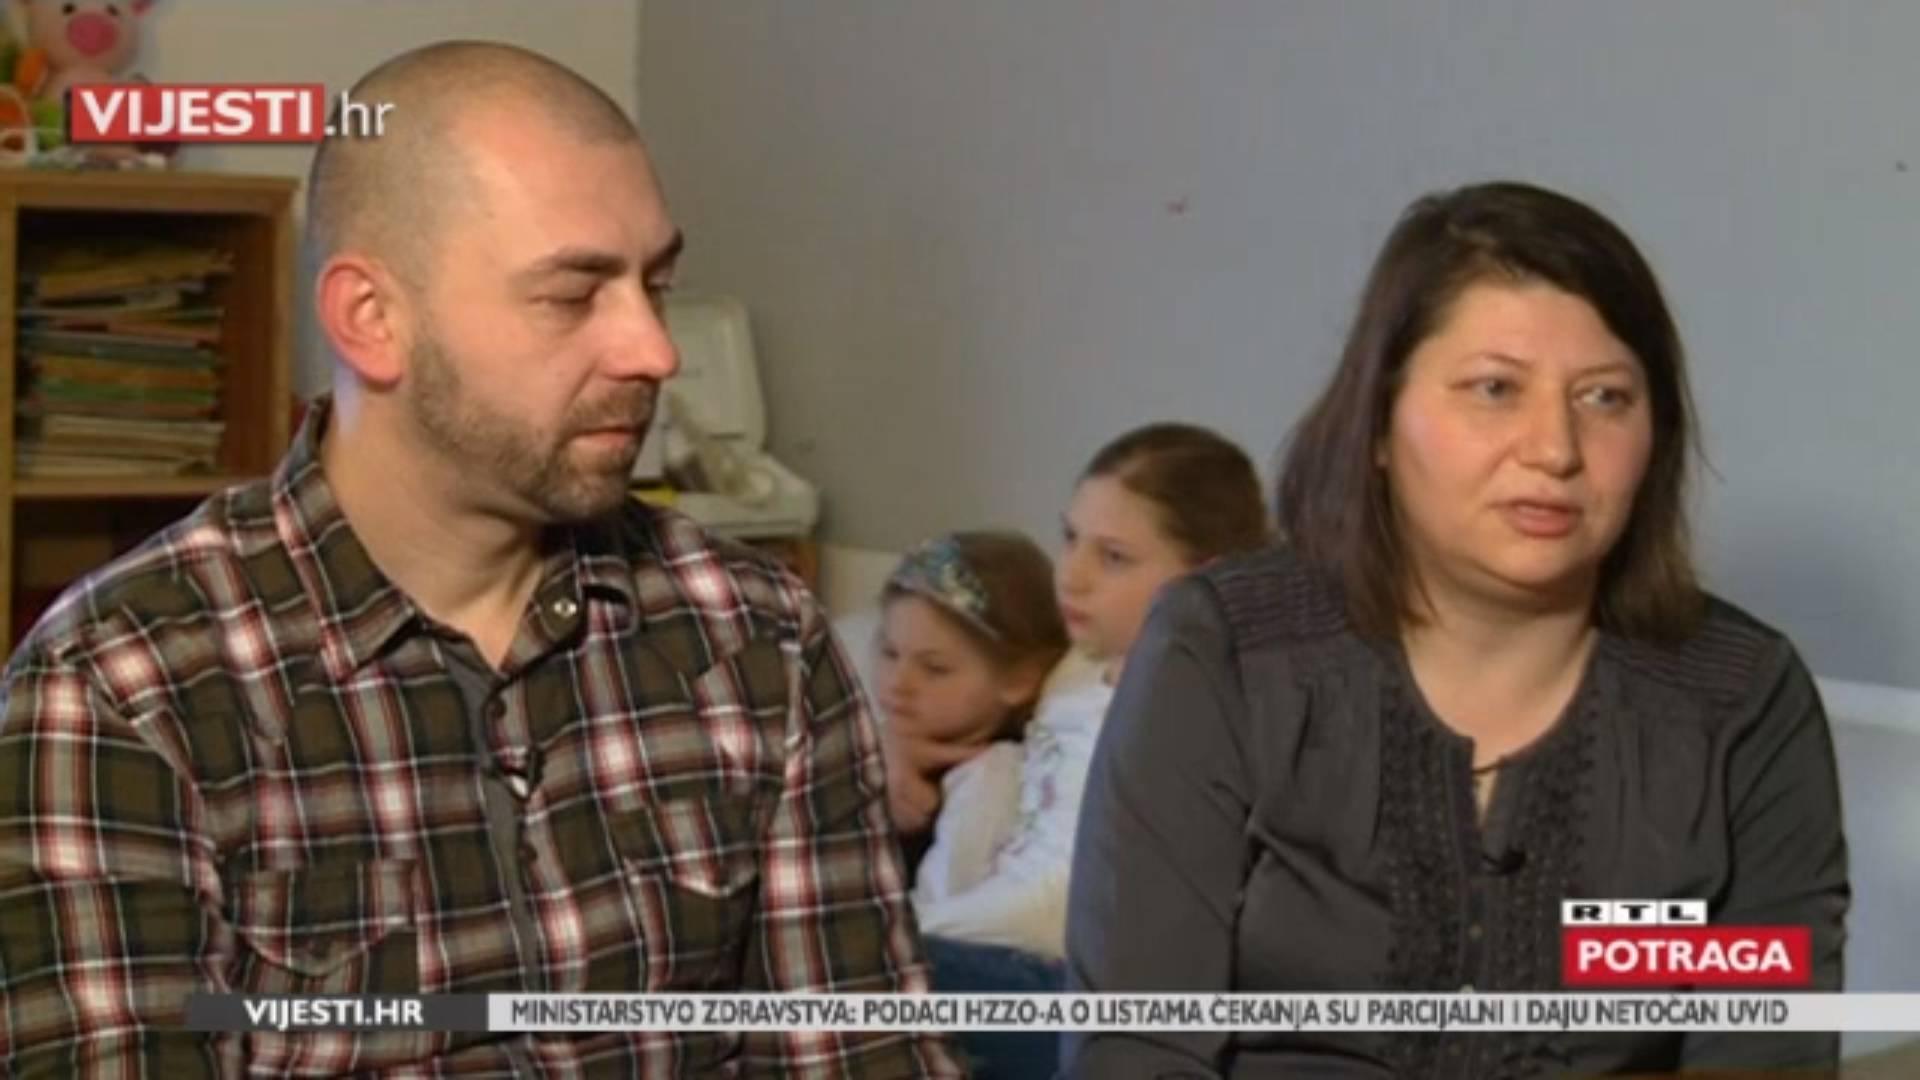 Tužna priča obitelji iz Zagreba: Kupili stan, a onda ih izbacili